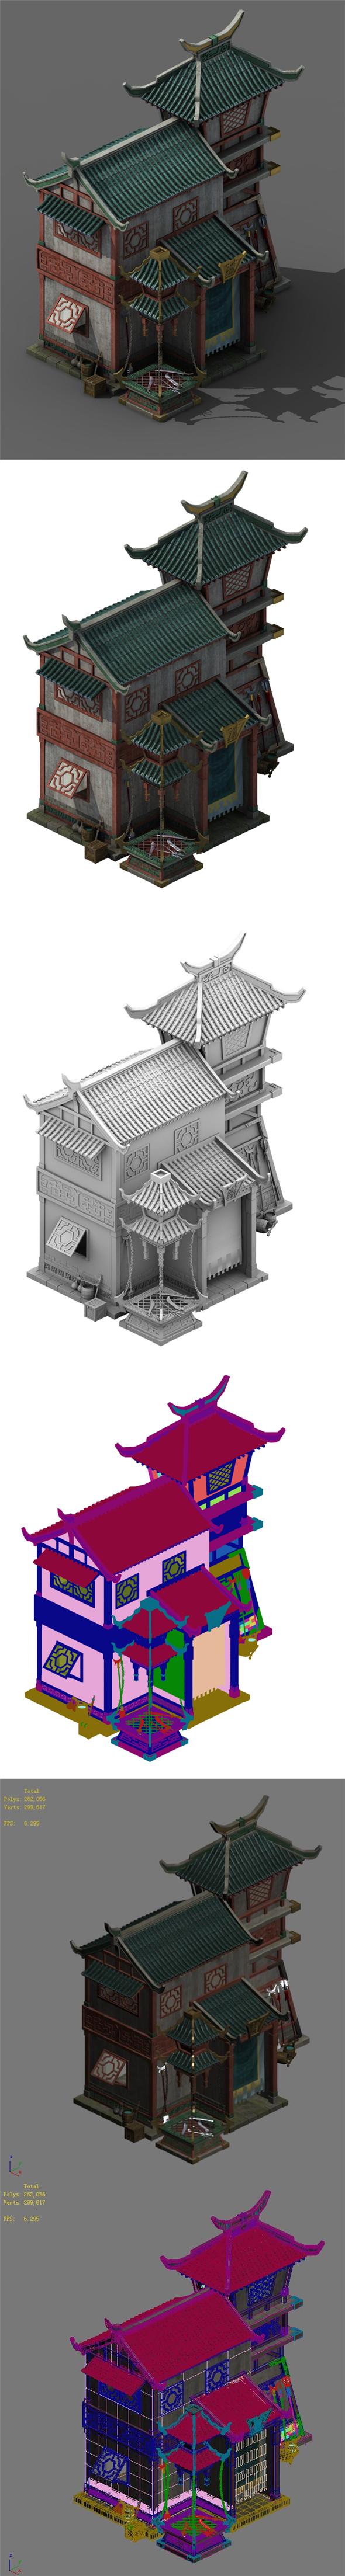 City Building - Weapon Forging Shop - 3DOcean Item for Sale